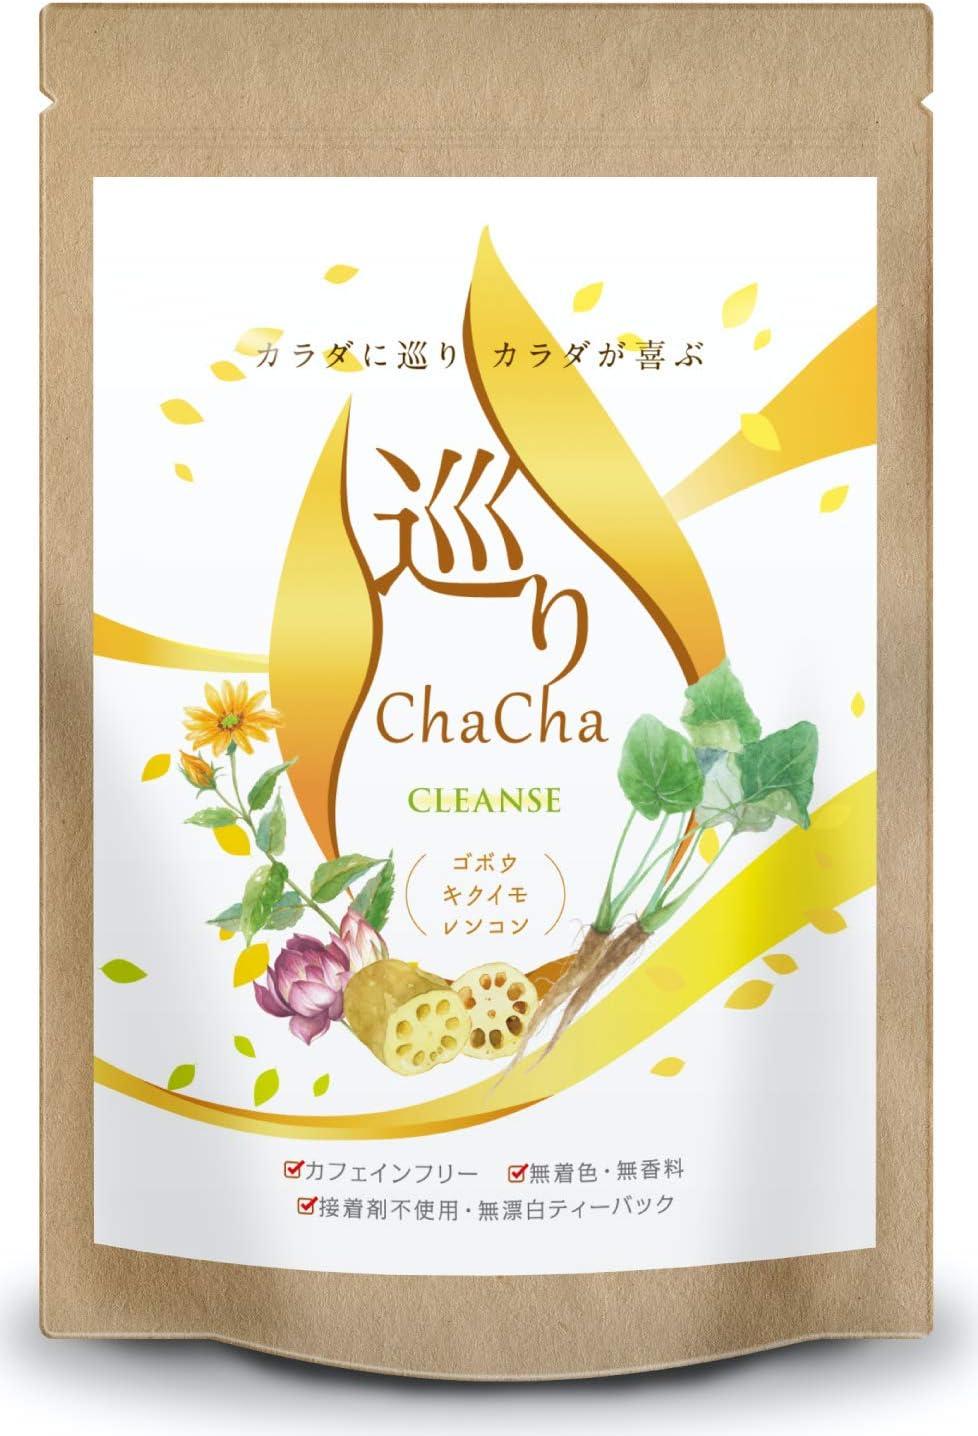 ごぼう茶 国産 巡りChaCha ノンカフェイン ブレンドティー 40包